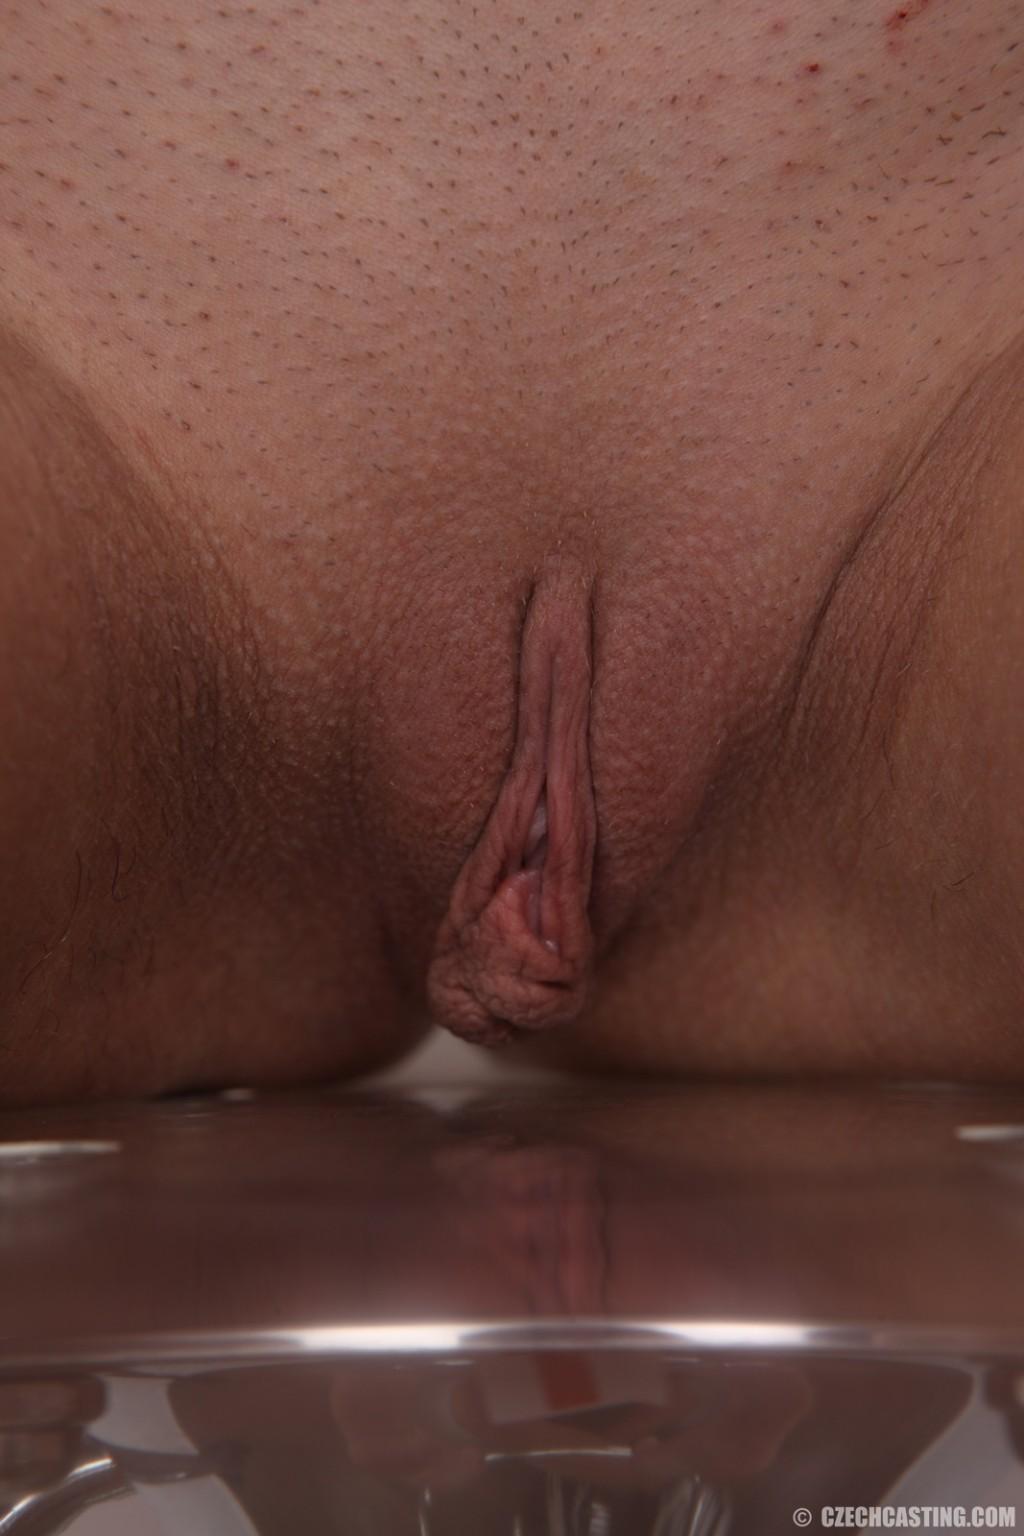 Сочные женщины - Порно галерея № 3523613